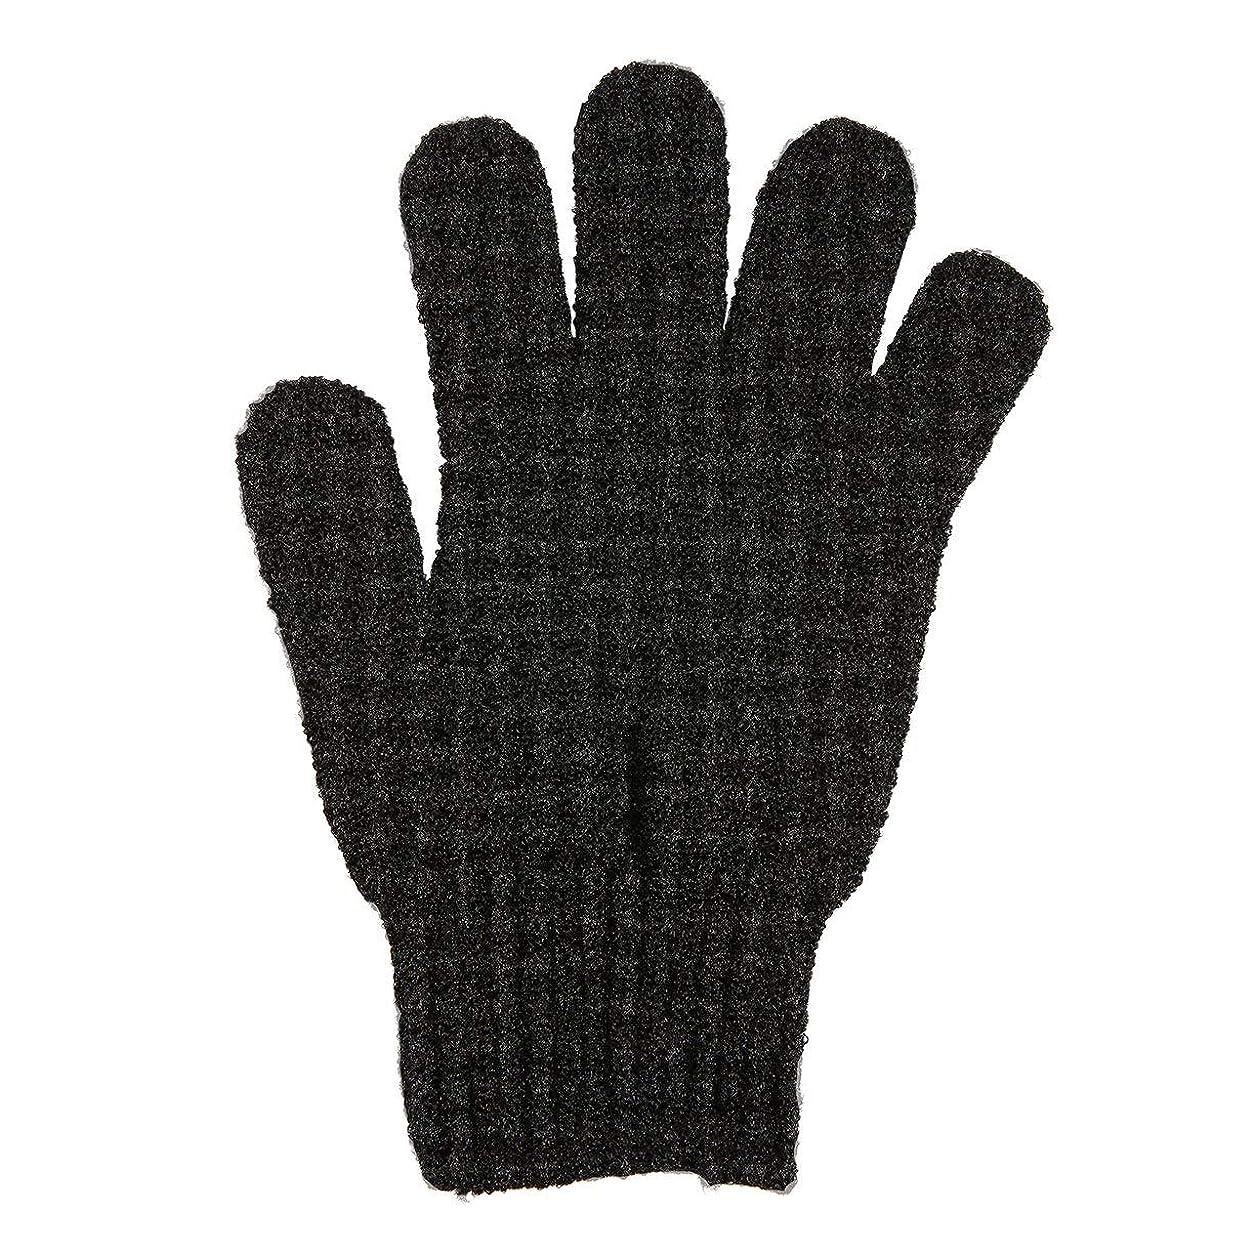 リッチマニュアル破壊する角質除去手袋フルボディスクラブデッドセルソフトスキン血液循環シャワーバススパ剥離アクセサリー - ブラック